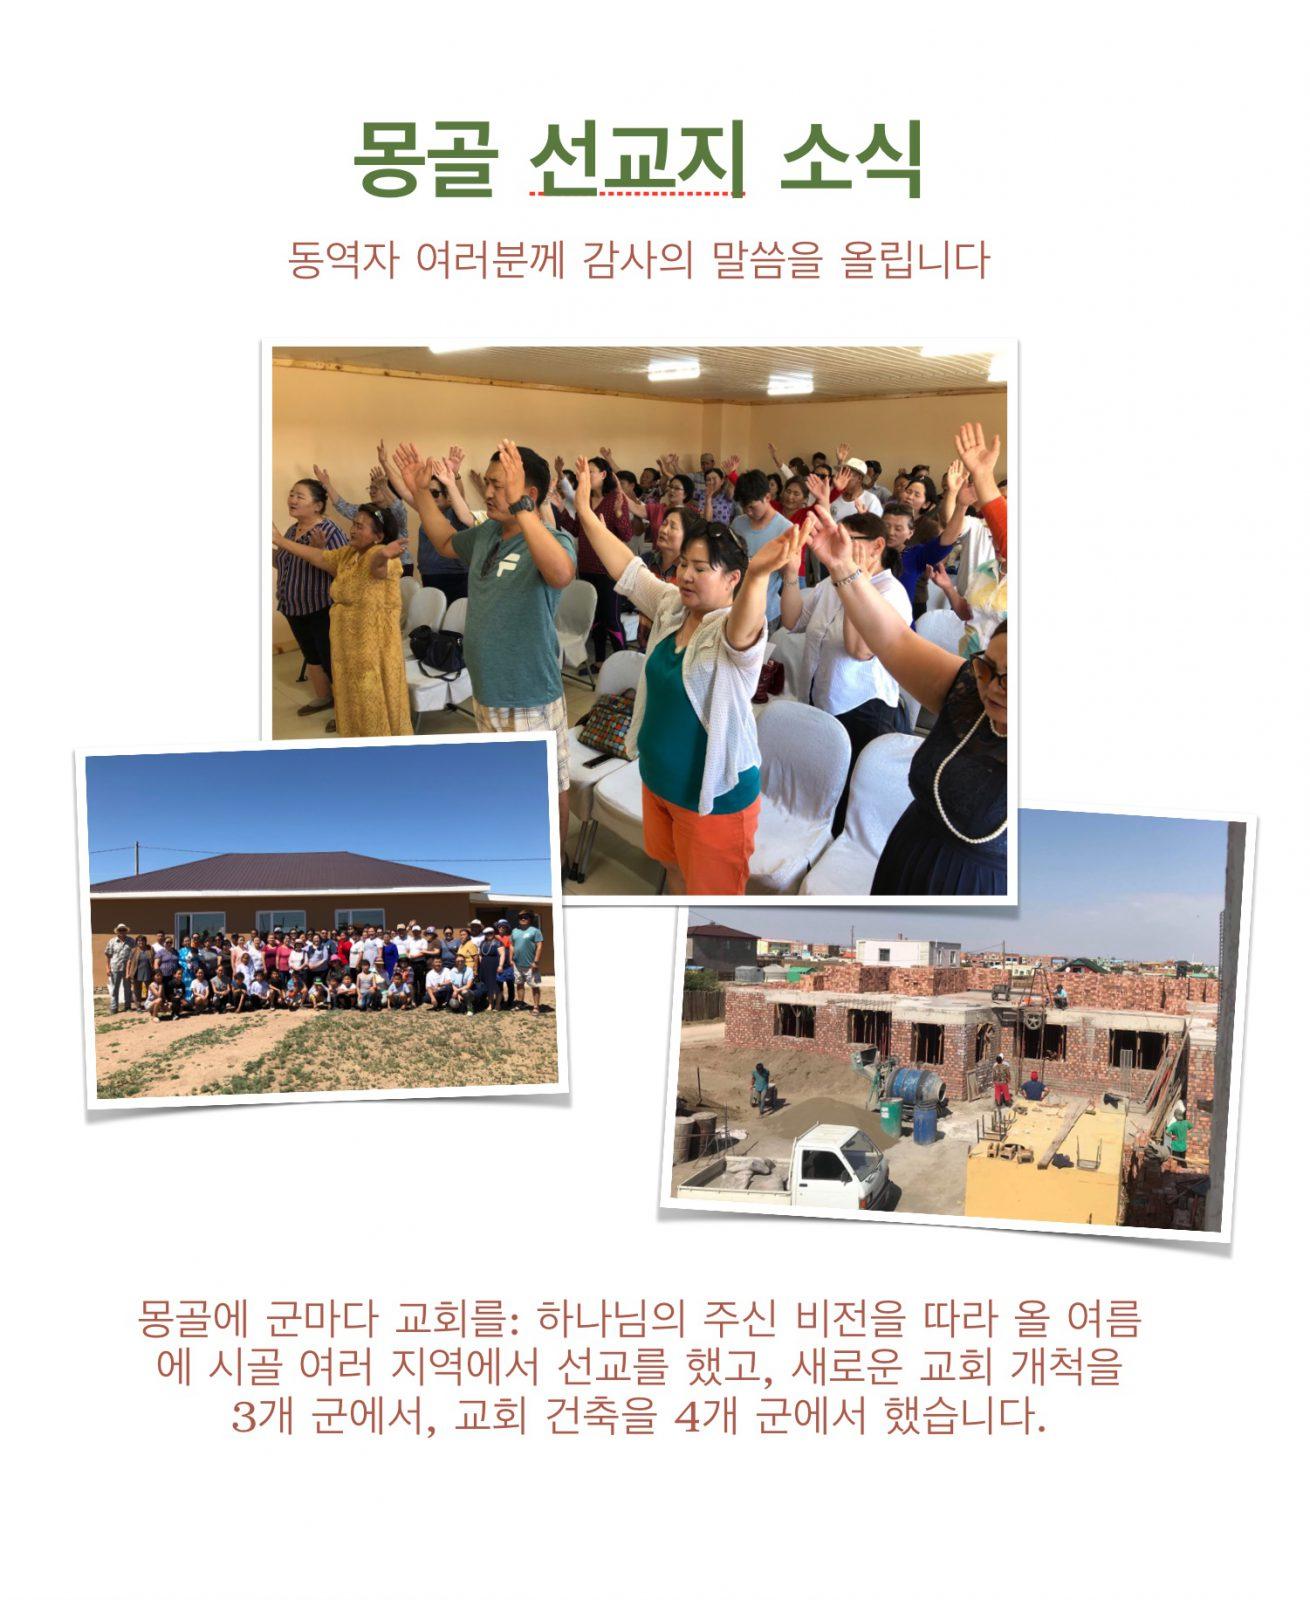 동역자 여러분께 감사의 말씀을 올립니다.  몽골에 군마다 교회를: 하나님의 주신 비전을 따라 올 여름에 시골 여러 지역에서 선교를 했고, 새로운 교회 개척을 3개 군에서 , 교회 건축을 4개 군에서 했습니다.